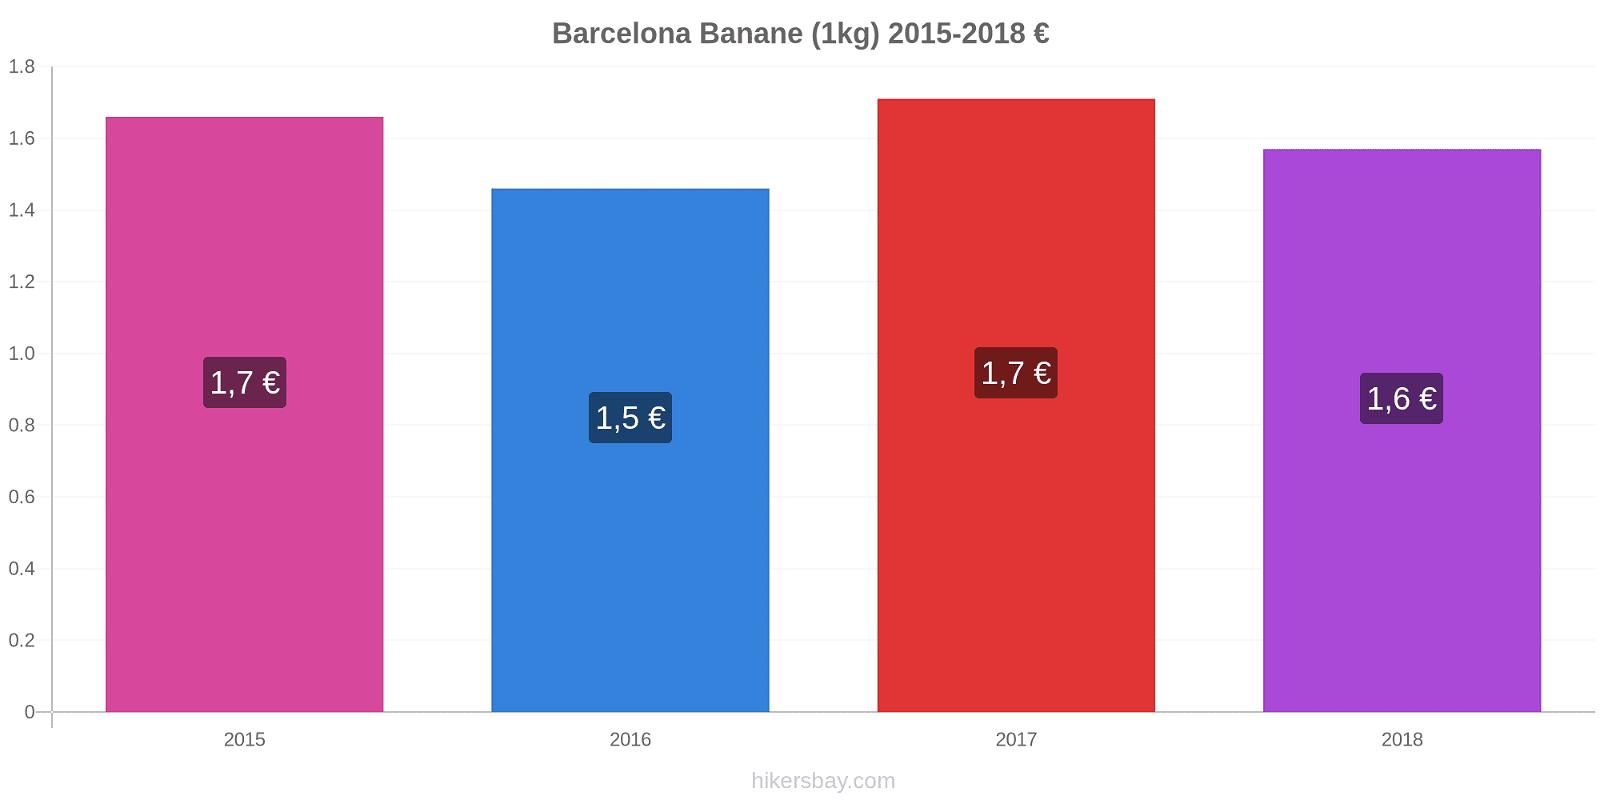 Barcelona Preisänderungen Banane (1kg) hikersbay.com